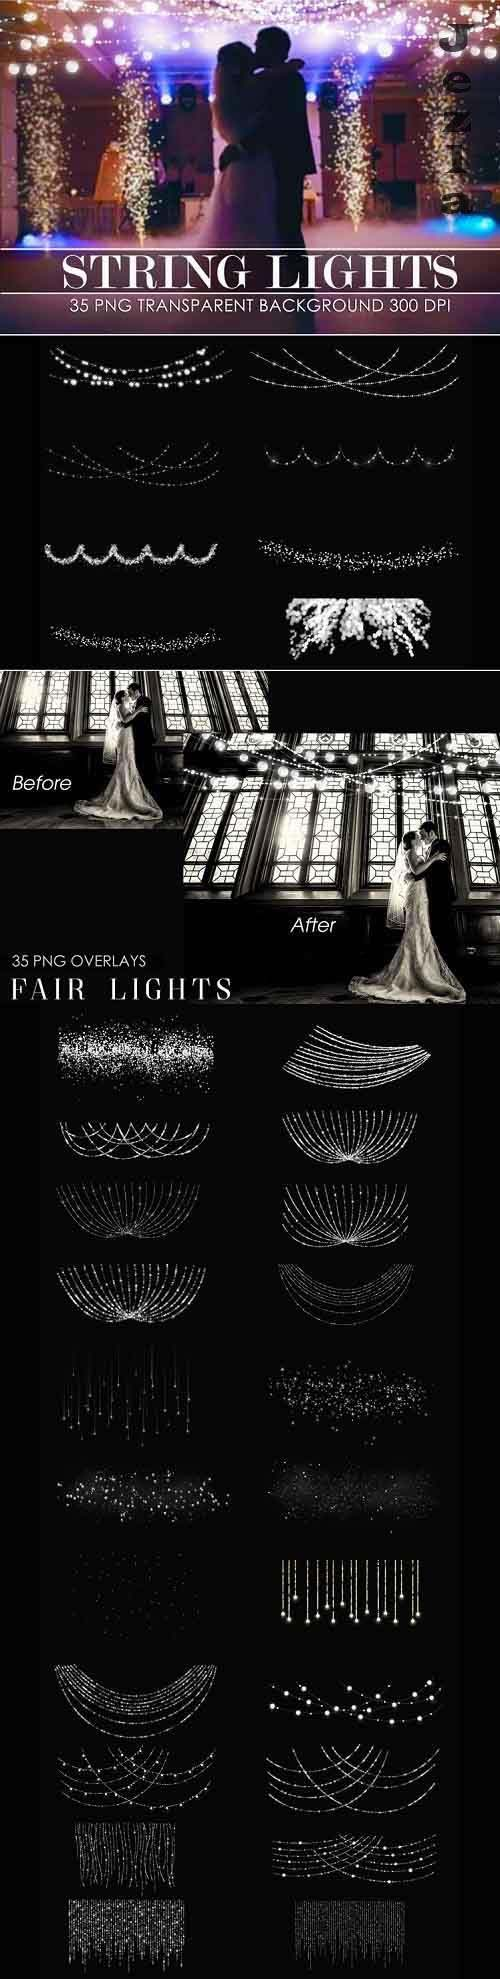 String lights overlays transparent png - 415764